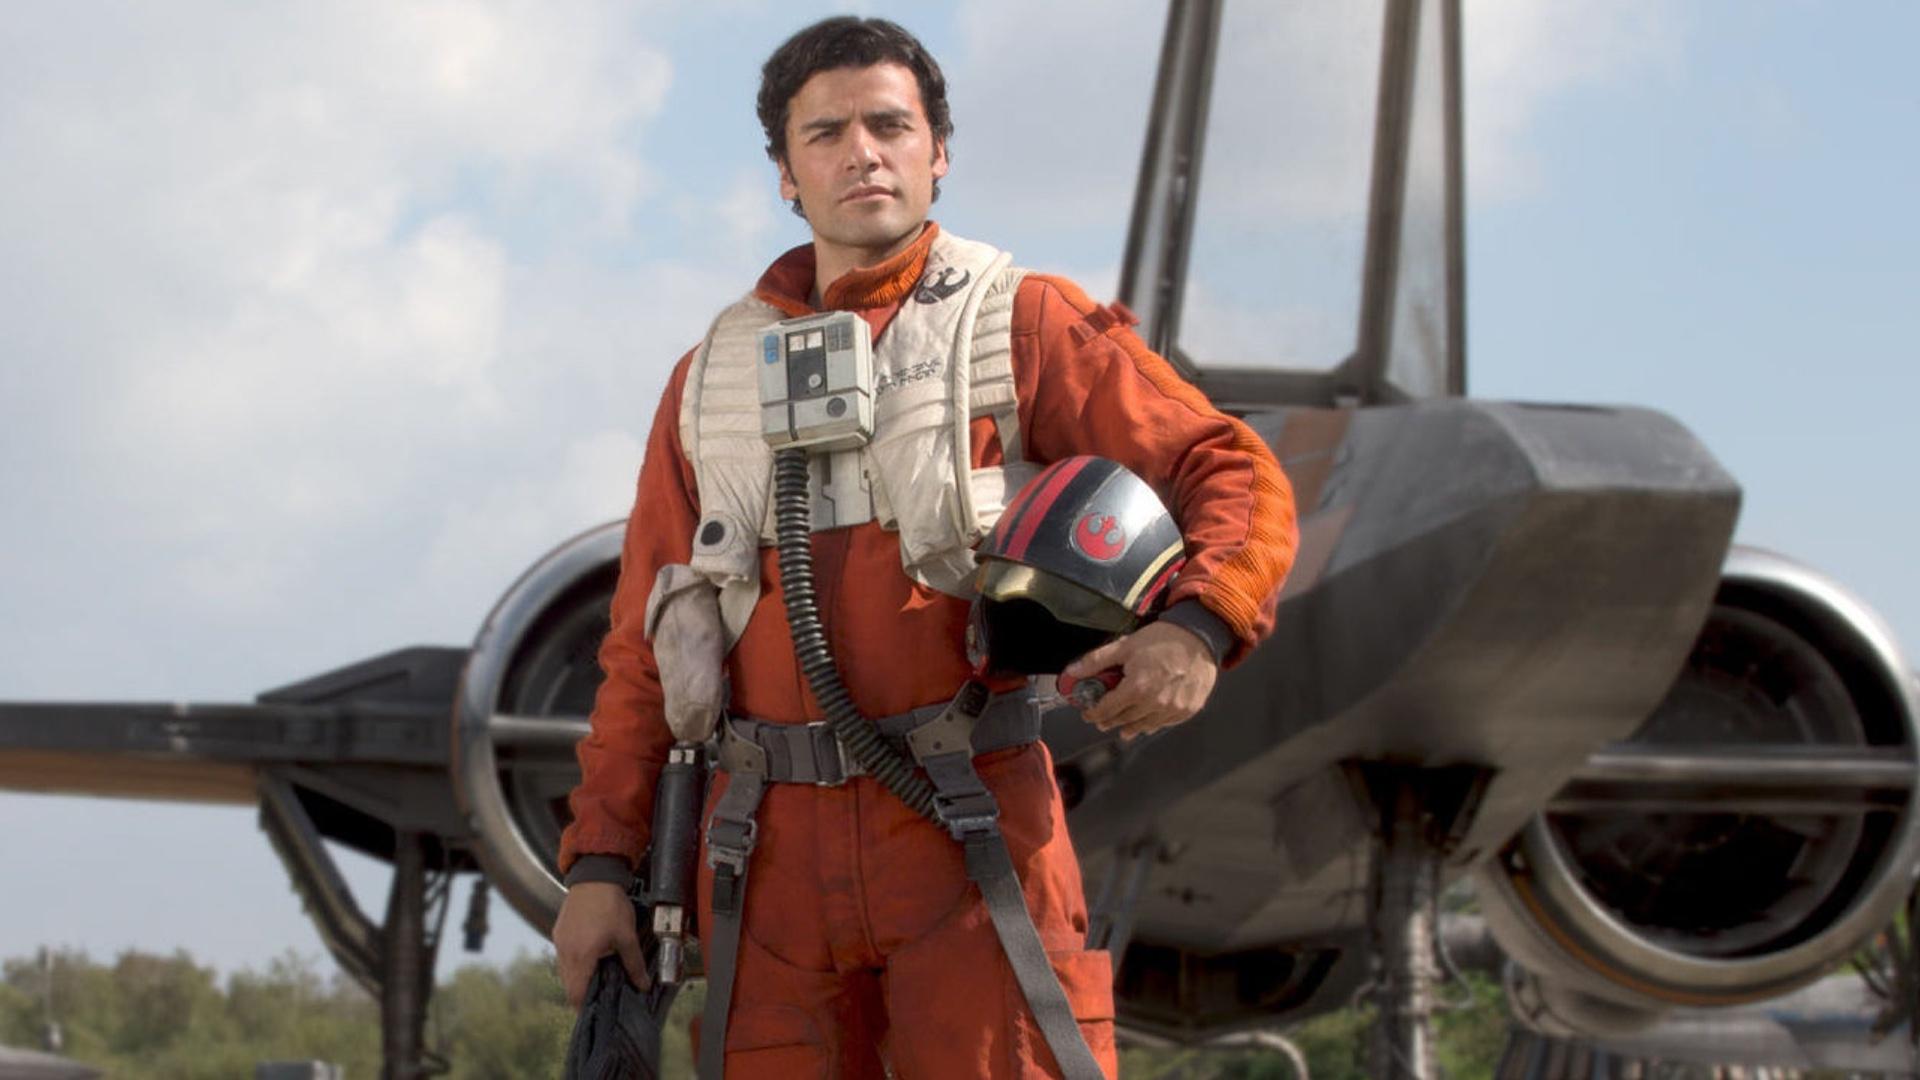 奧斯卡伊薩克 (Oscar Isaac) 有意角逐《潛龍諜影》(Metal Gear Solid) 真人電影的演出工作。